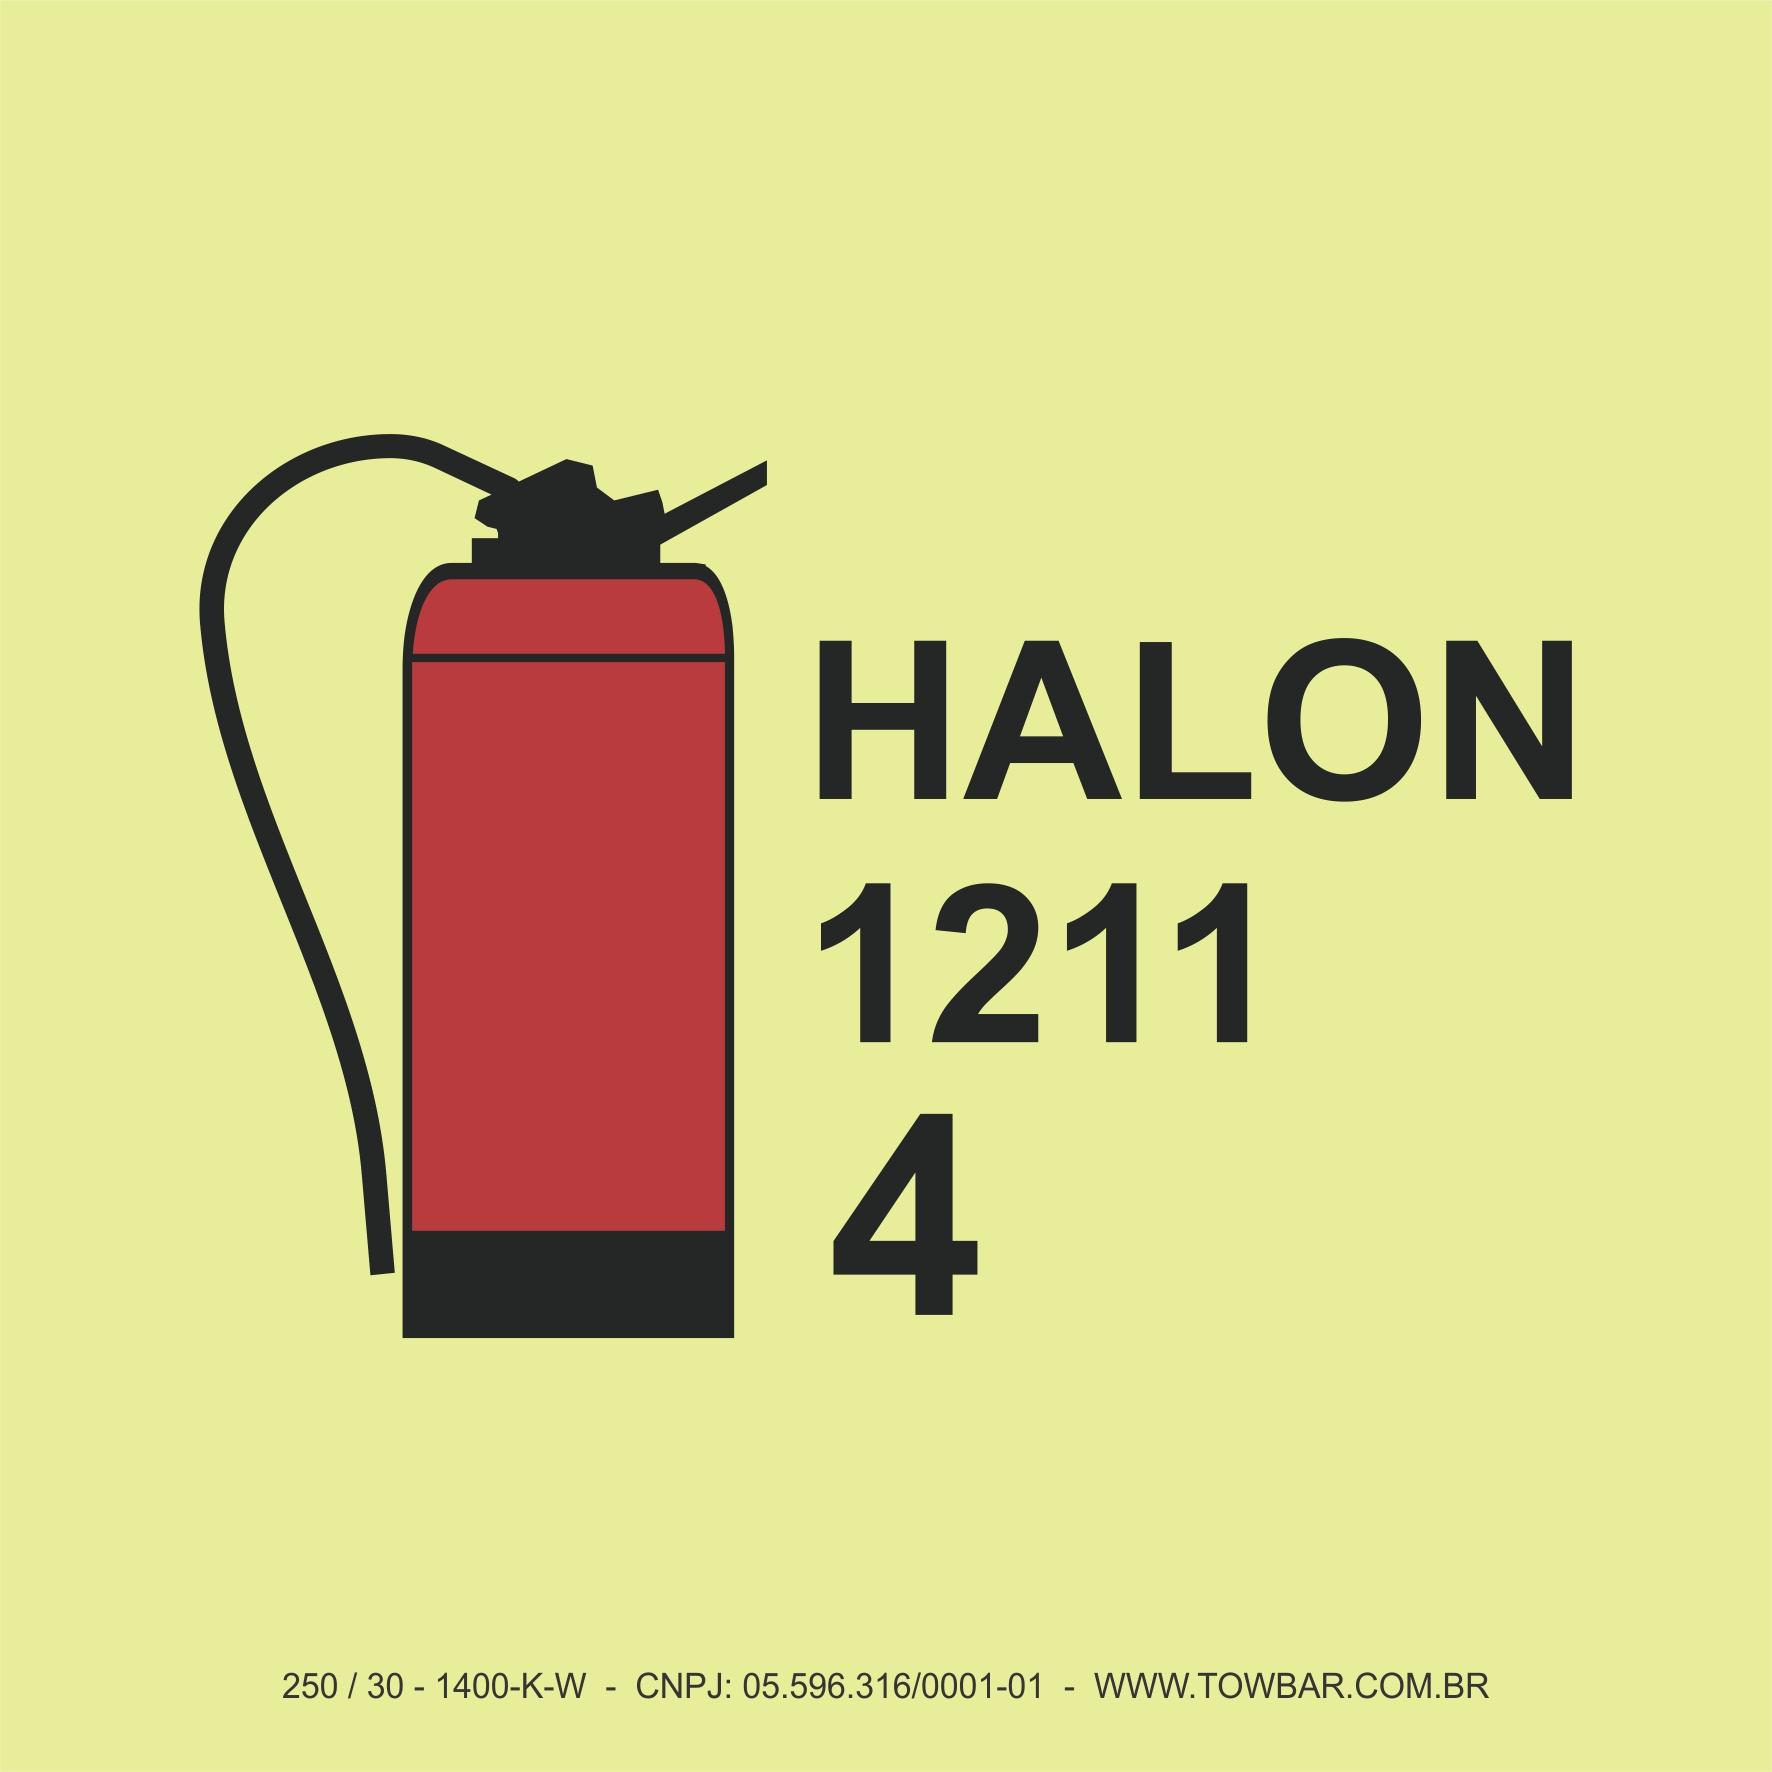 Extintor de Incêndio Portátil (Portable Fire Extinguisher)  - Towbar Sinalização de Segurança